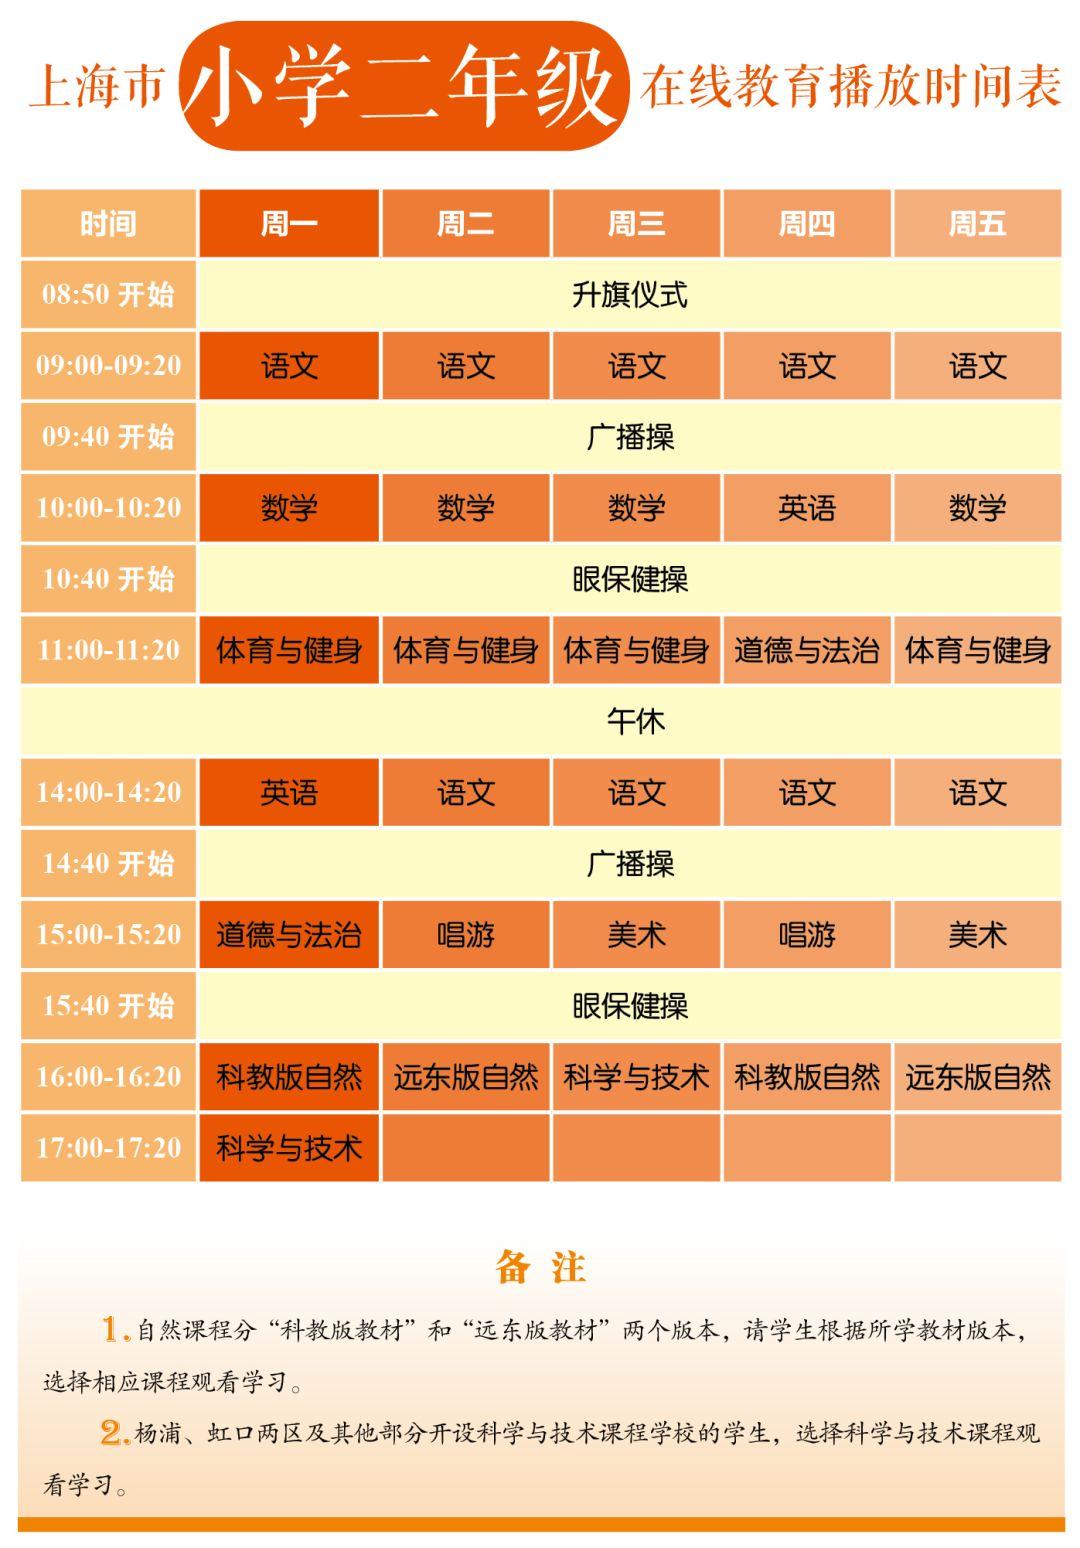 上海中小学各年级在线教育时间表出炉 上海中小学在线教育时间安排最新